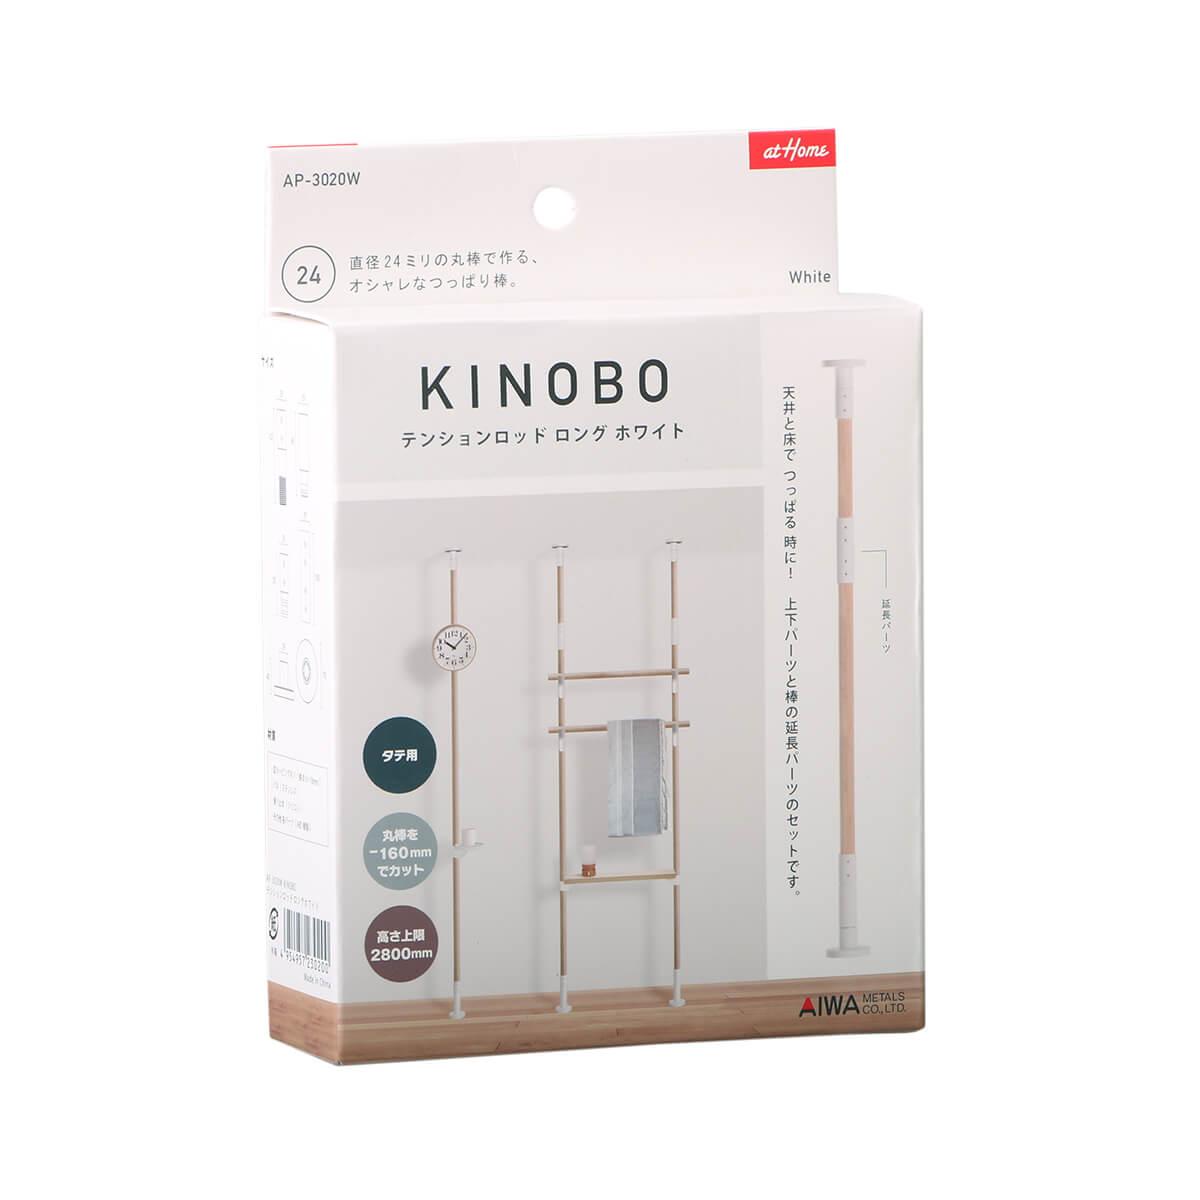 丸棒突っ張り用パーツ 延長パーツ付き ホワイト Φ24 KINOBO